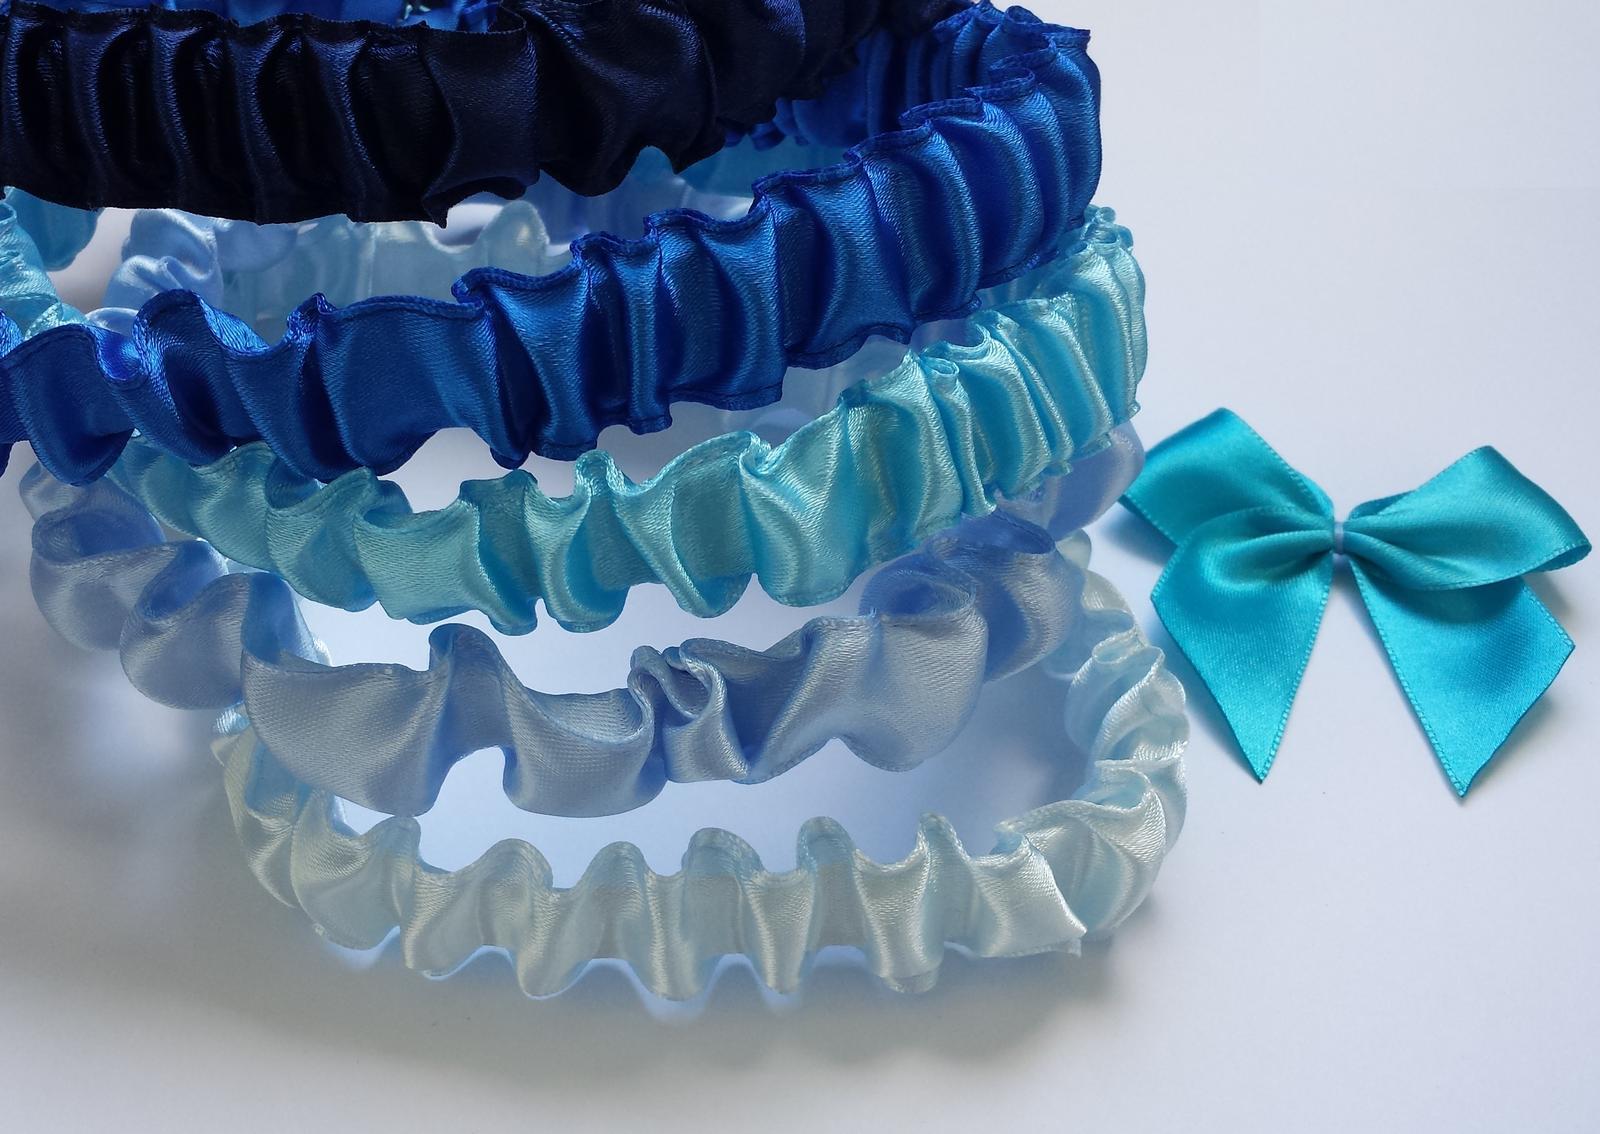 Podvazky + nově sady Swarovski podvazků - Různé odstíny modré, včetně tyrkysové, sady lze vyrobit i v mnoha jiných barvičkách.